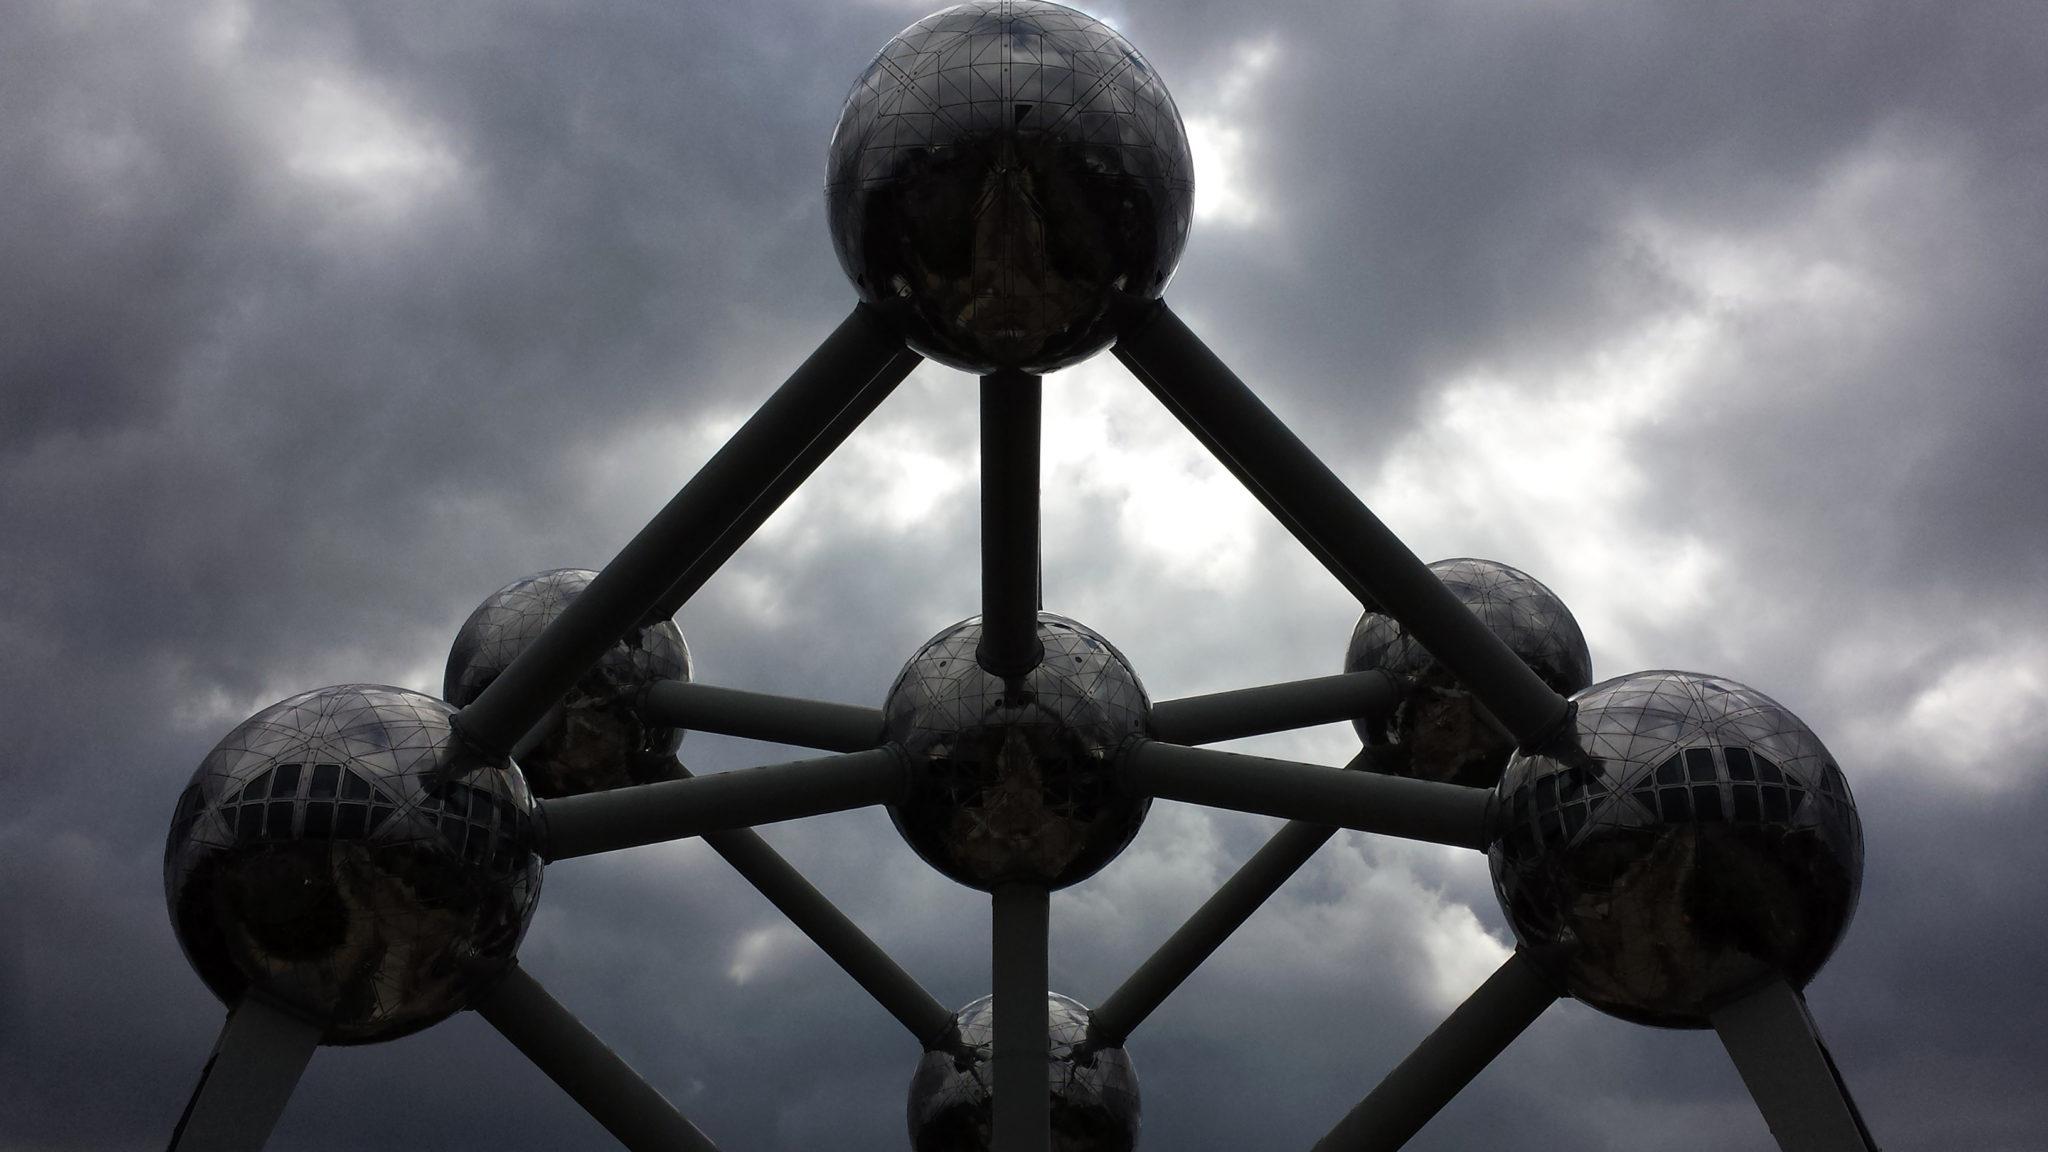 Hema_Bruxelles_atomimum_ciel_nuages_orage